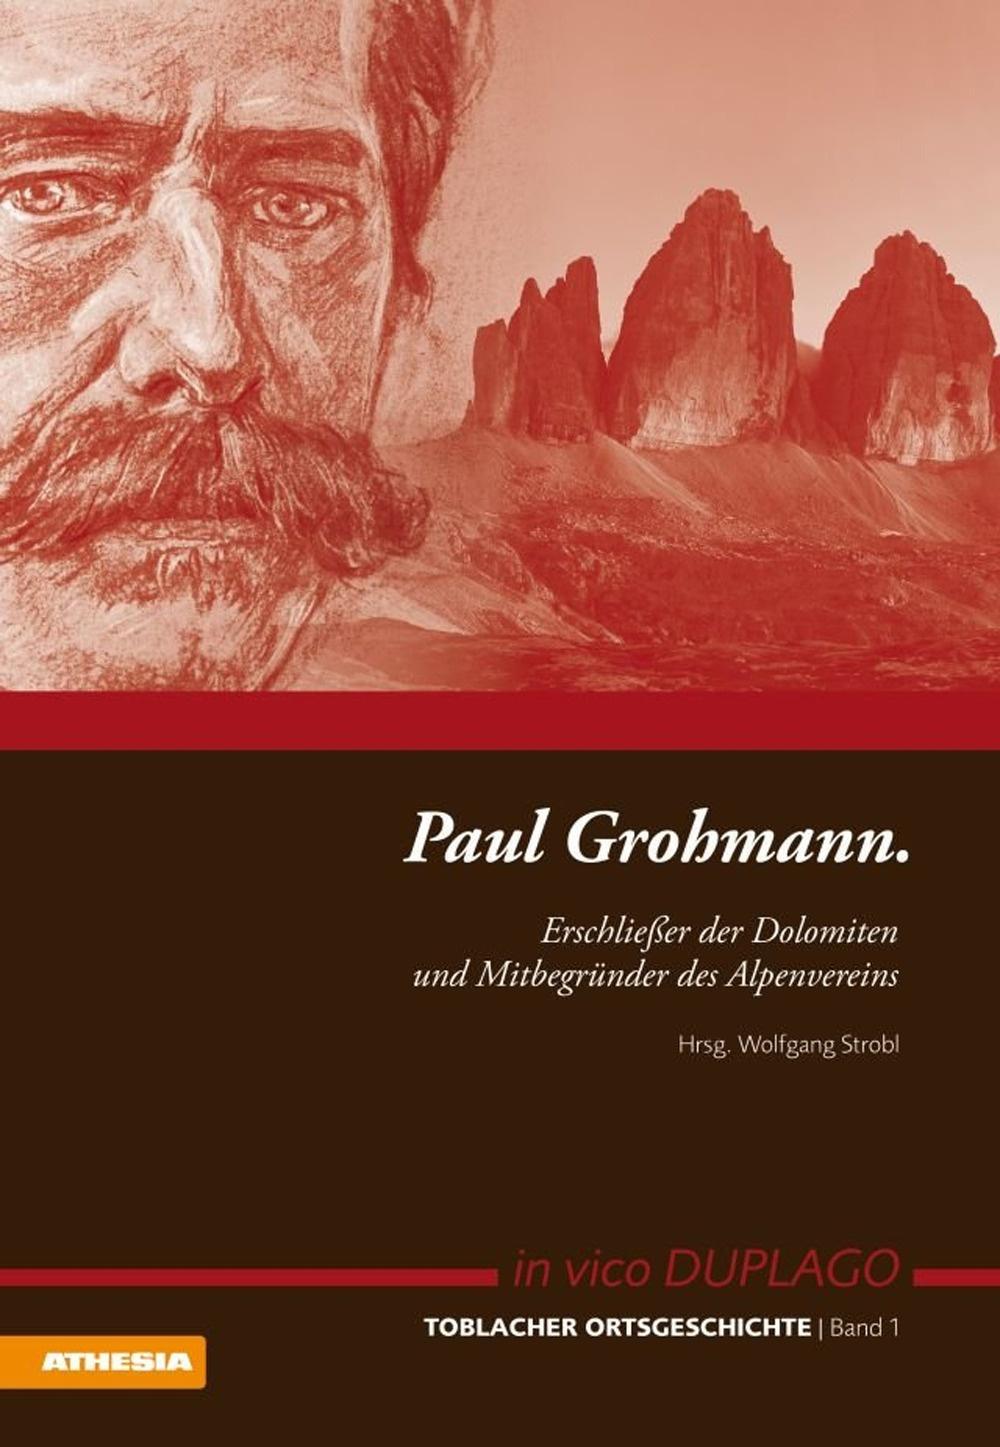 Paul Grohmann. Erschliesser der Dolomiten und Mitbegünder des Alpenvereins.